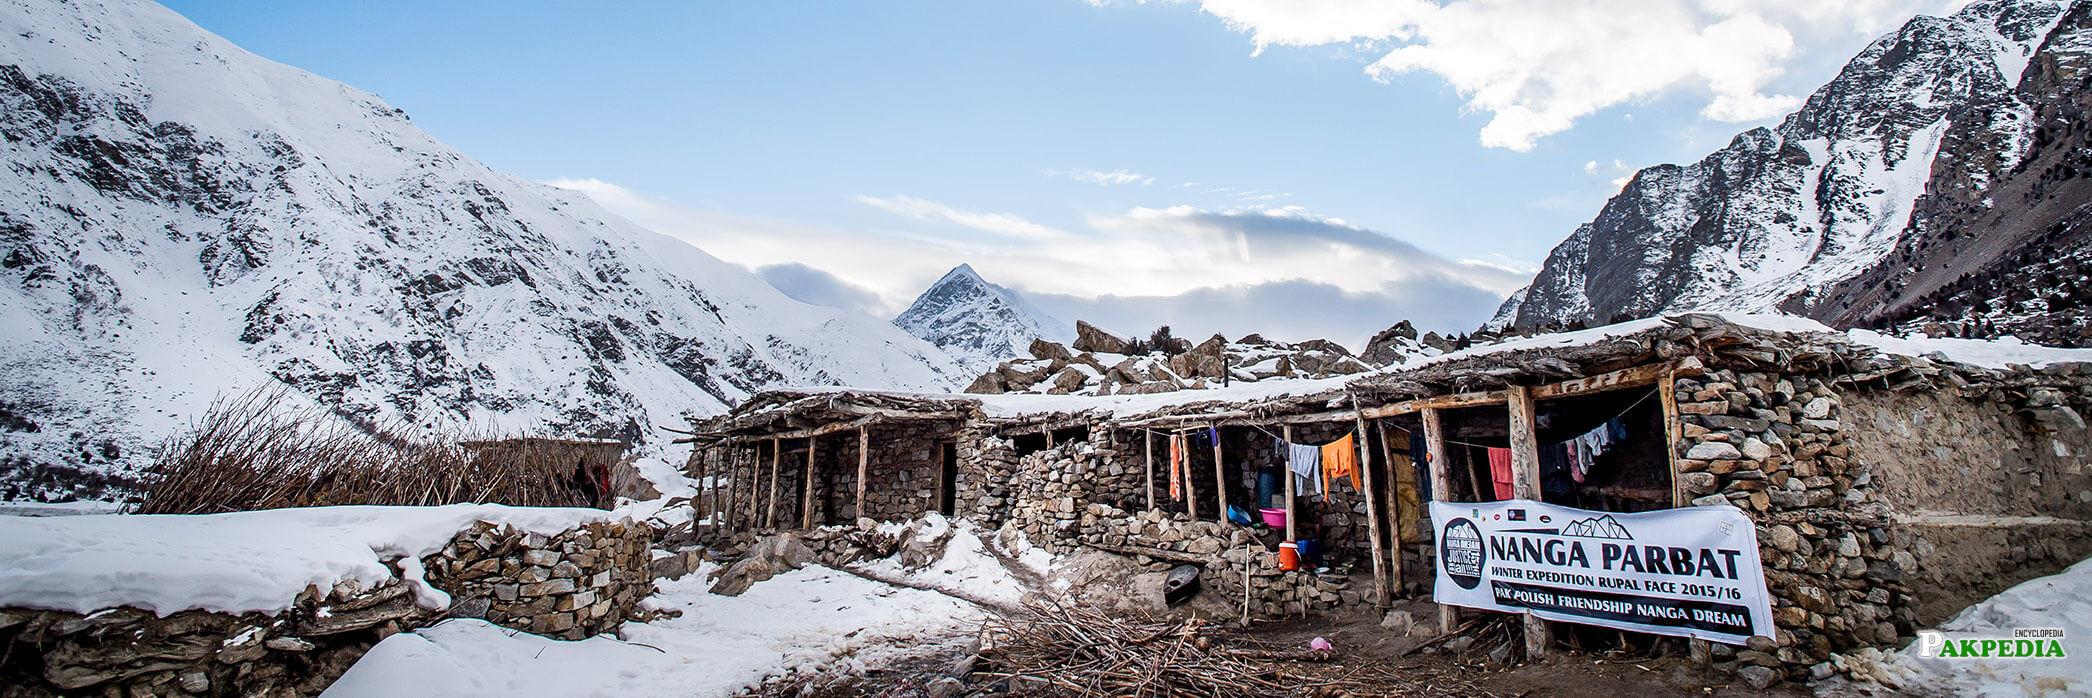 House in Nanga Parbat